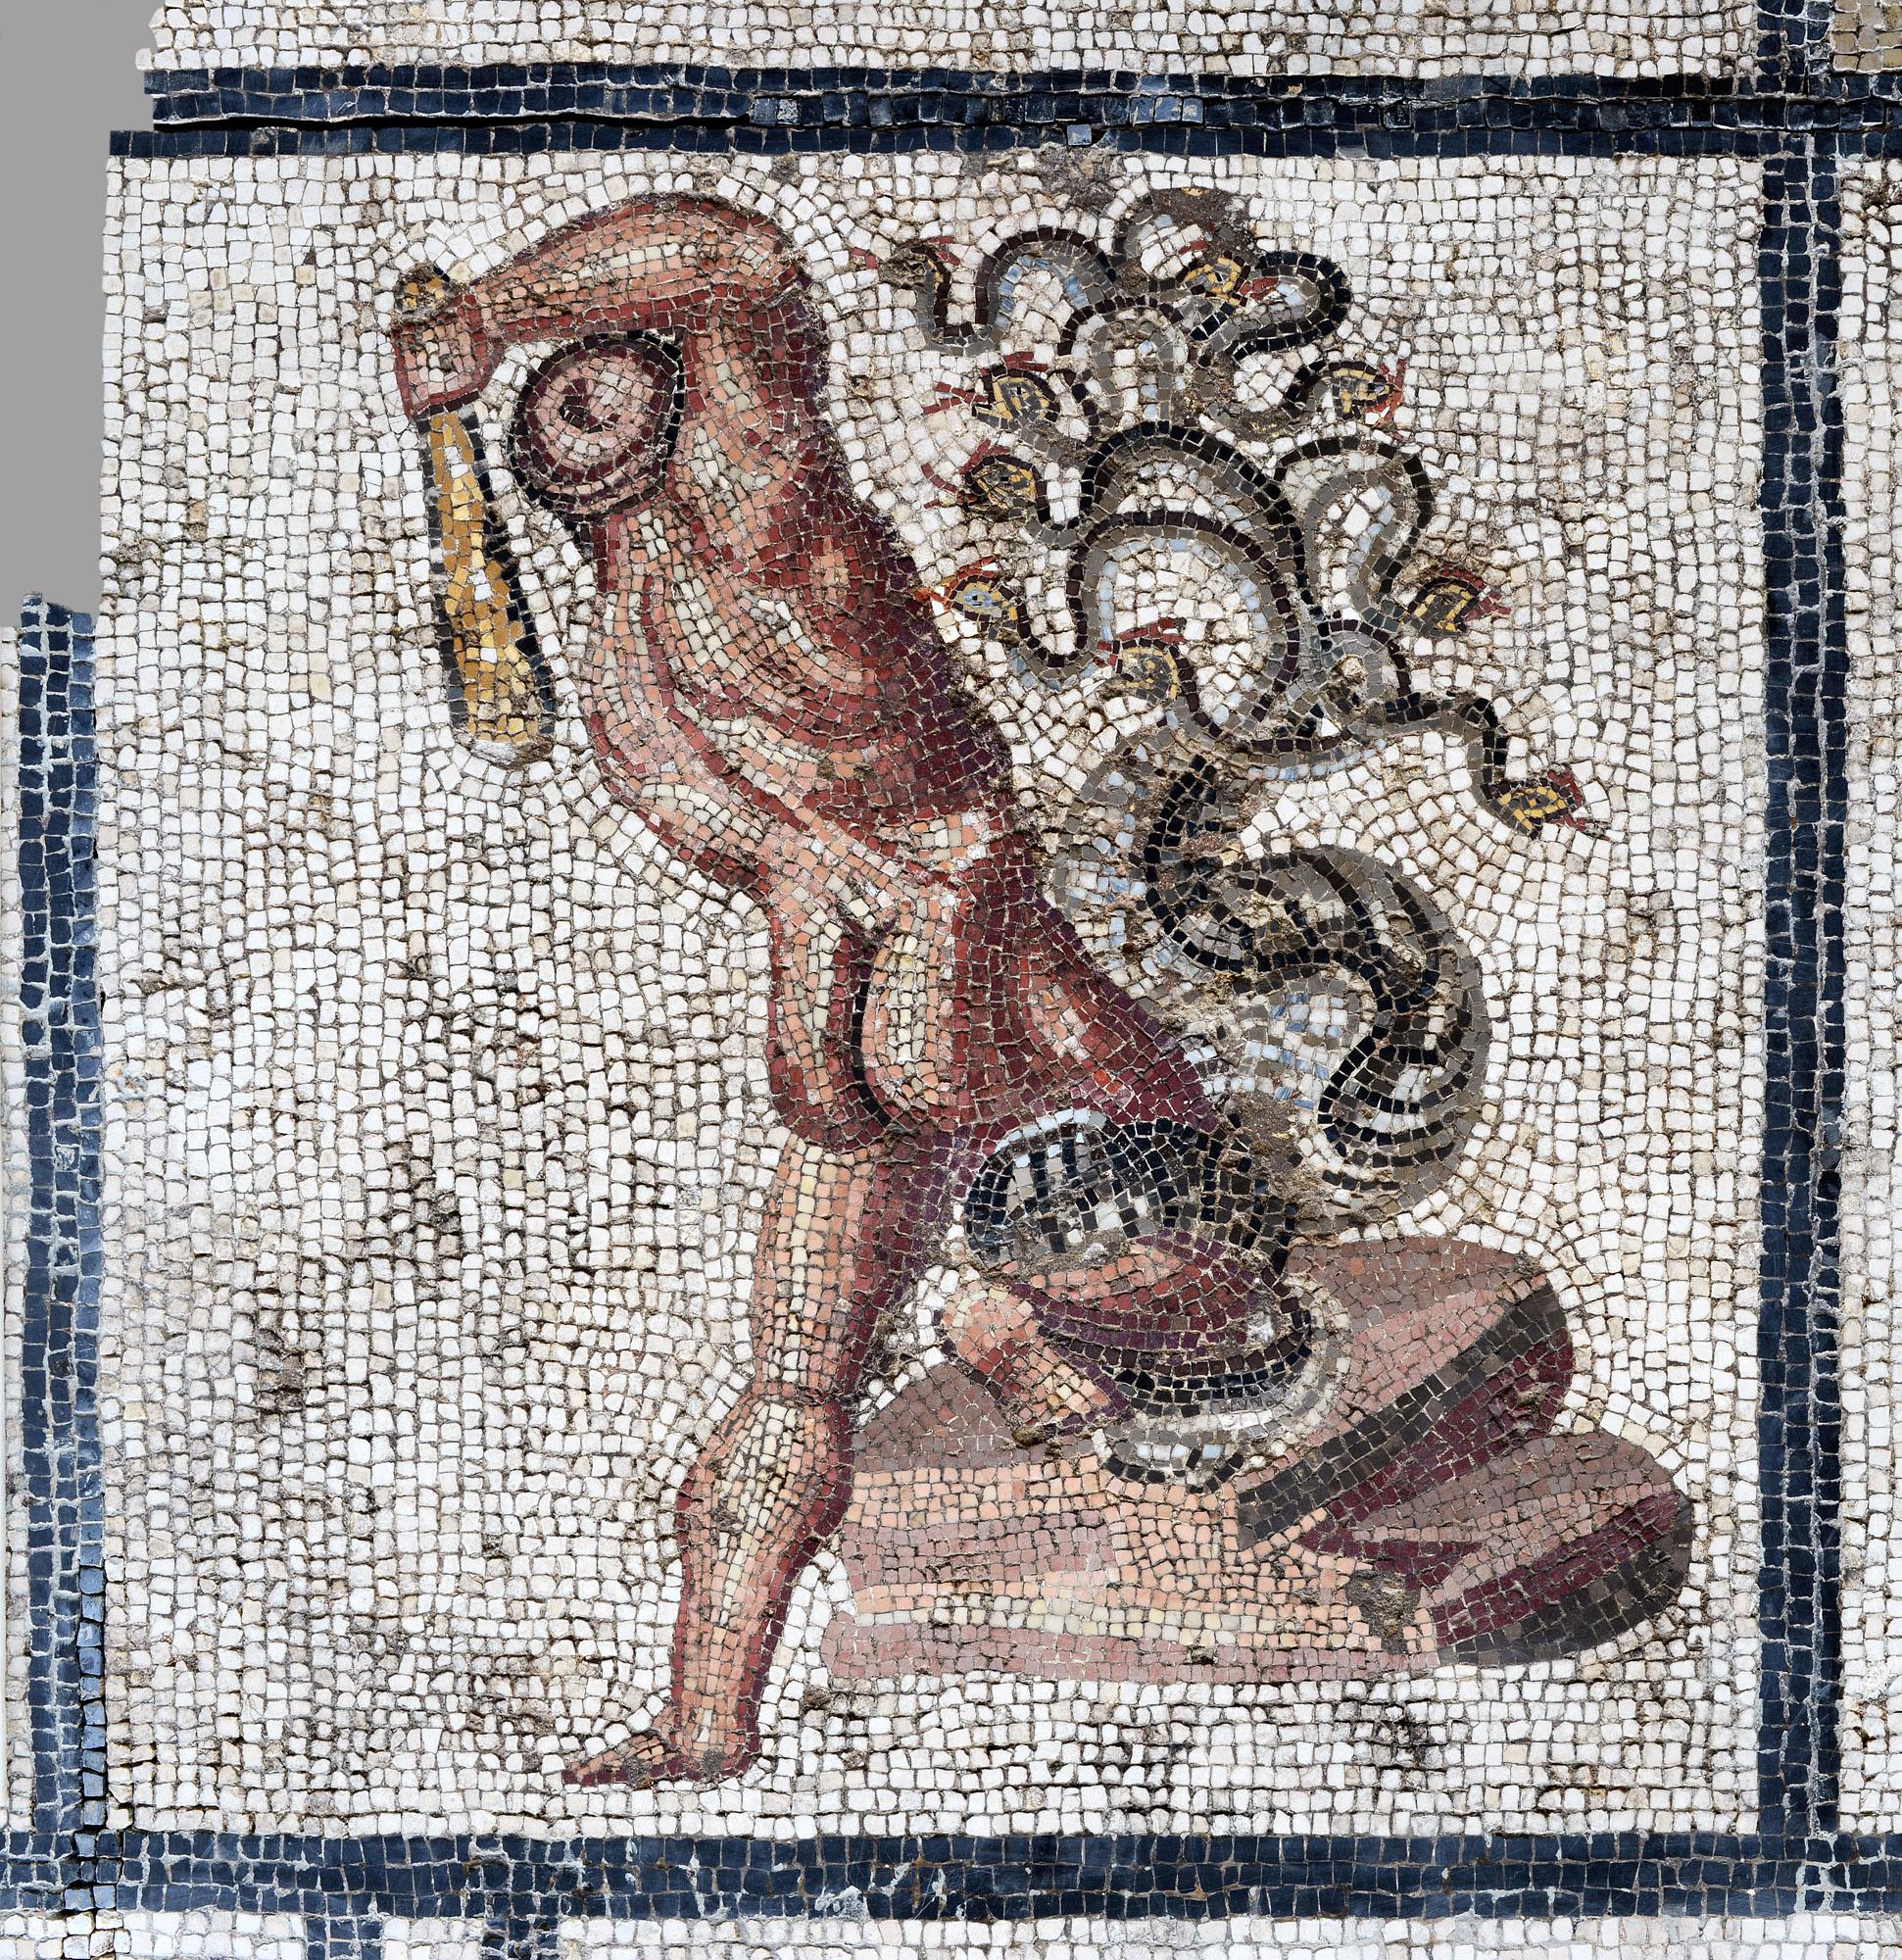 Mosaïque d'Hercule (L'Hydre de Lerne) ©Paul Veysseyre.